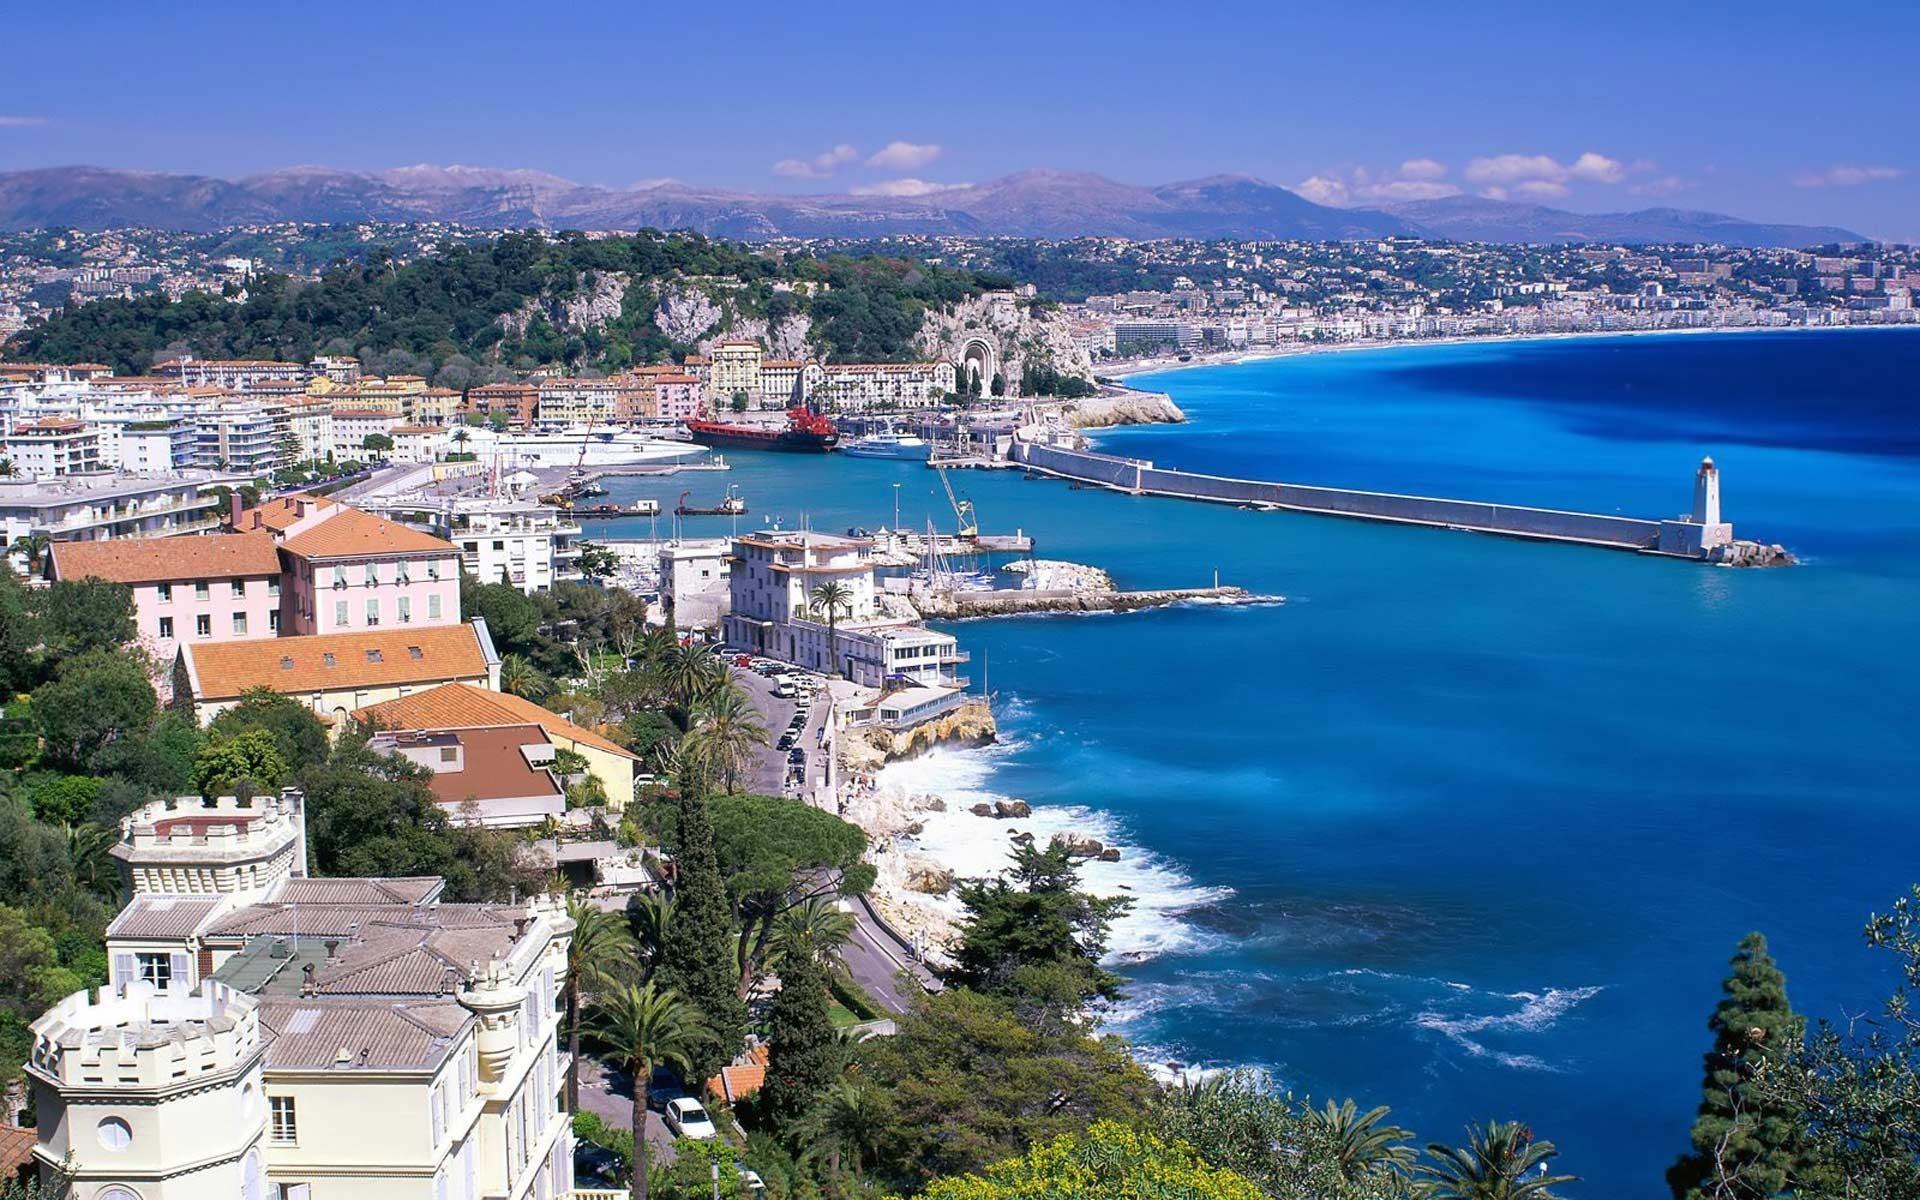 Продажа недвижимости в Ницце